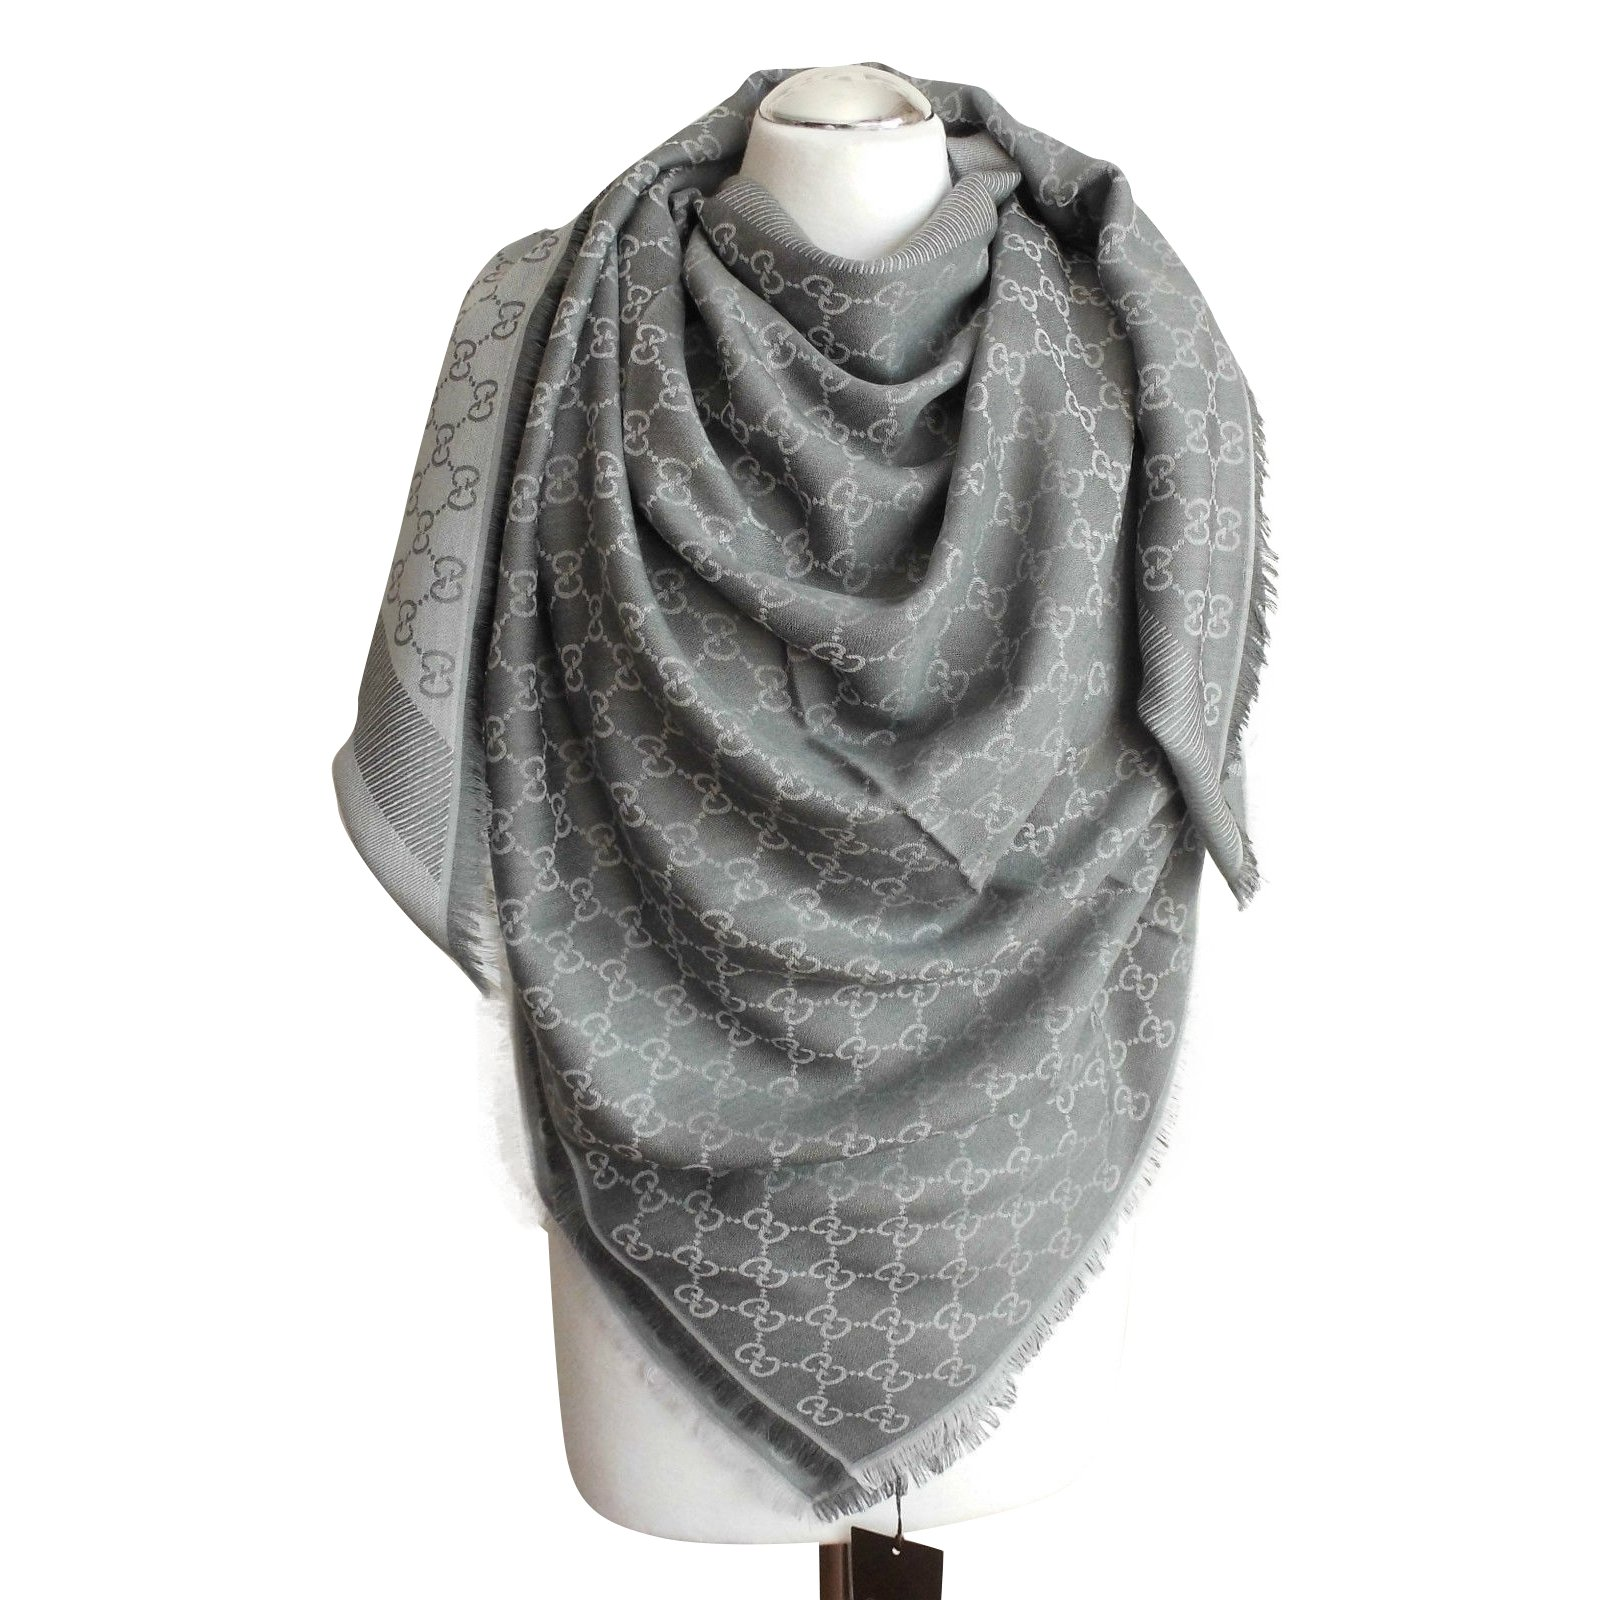 28479f5988a6 Gucci scarf scarves silk wool grey ref joli closet jpg 1600x1600 Gucci scarf